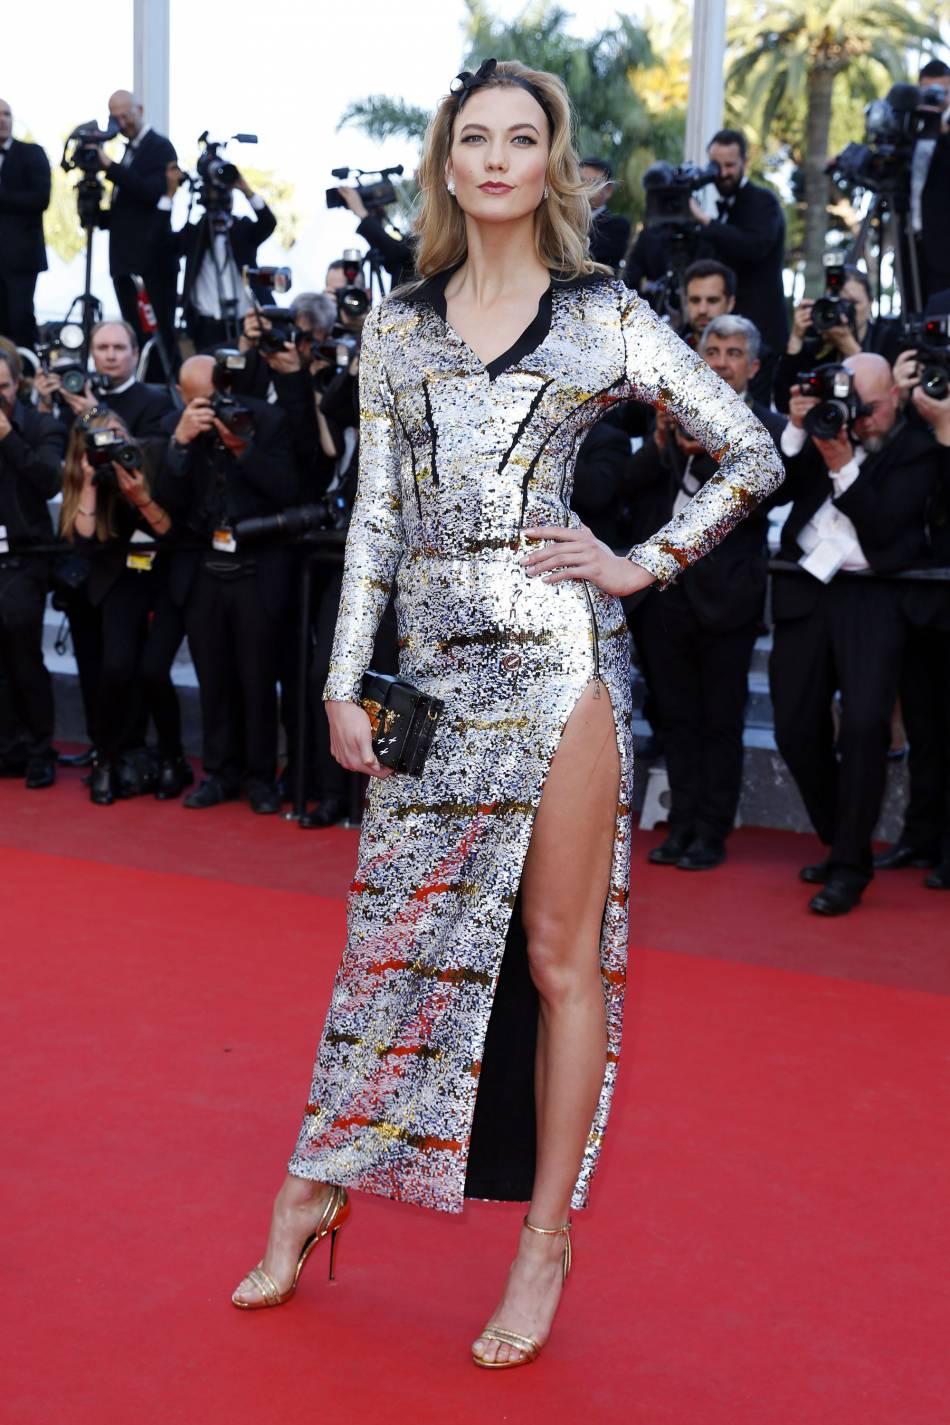 Ambassadrice L'Oréal Paris, Karlie Kloss a monté les marches du Festival de Cannes 2016 dans une robe fendue signée Louis Vuitton.